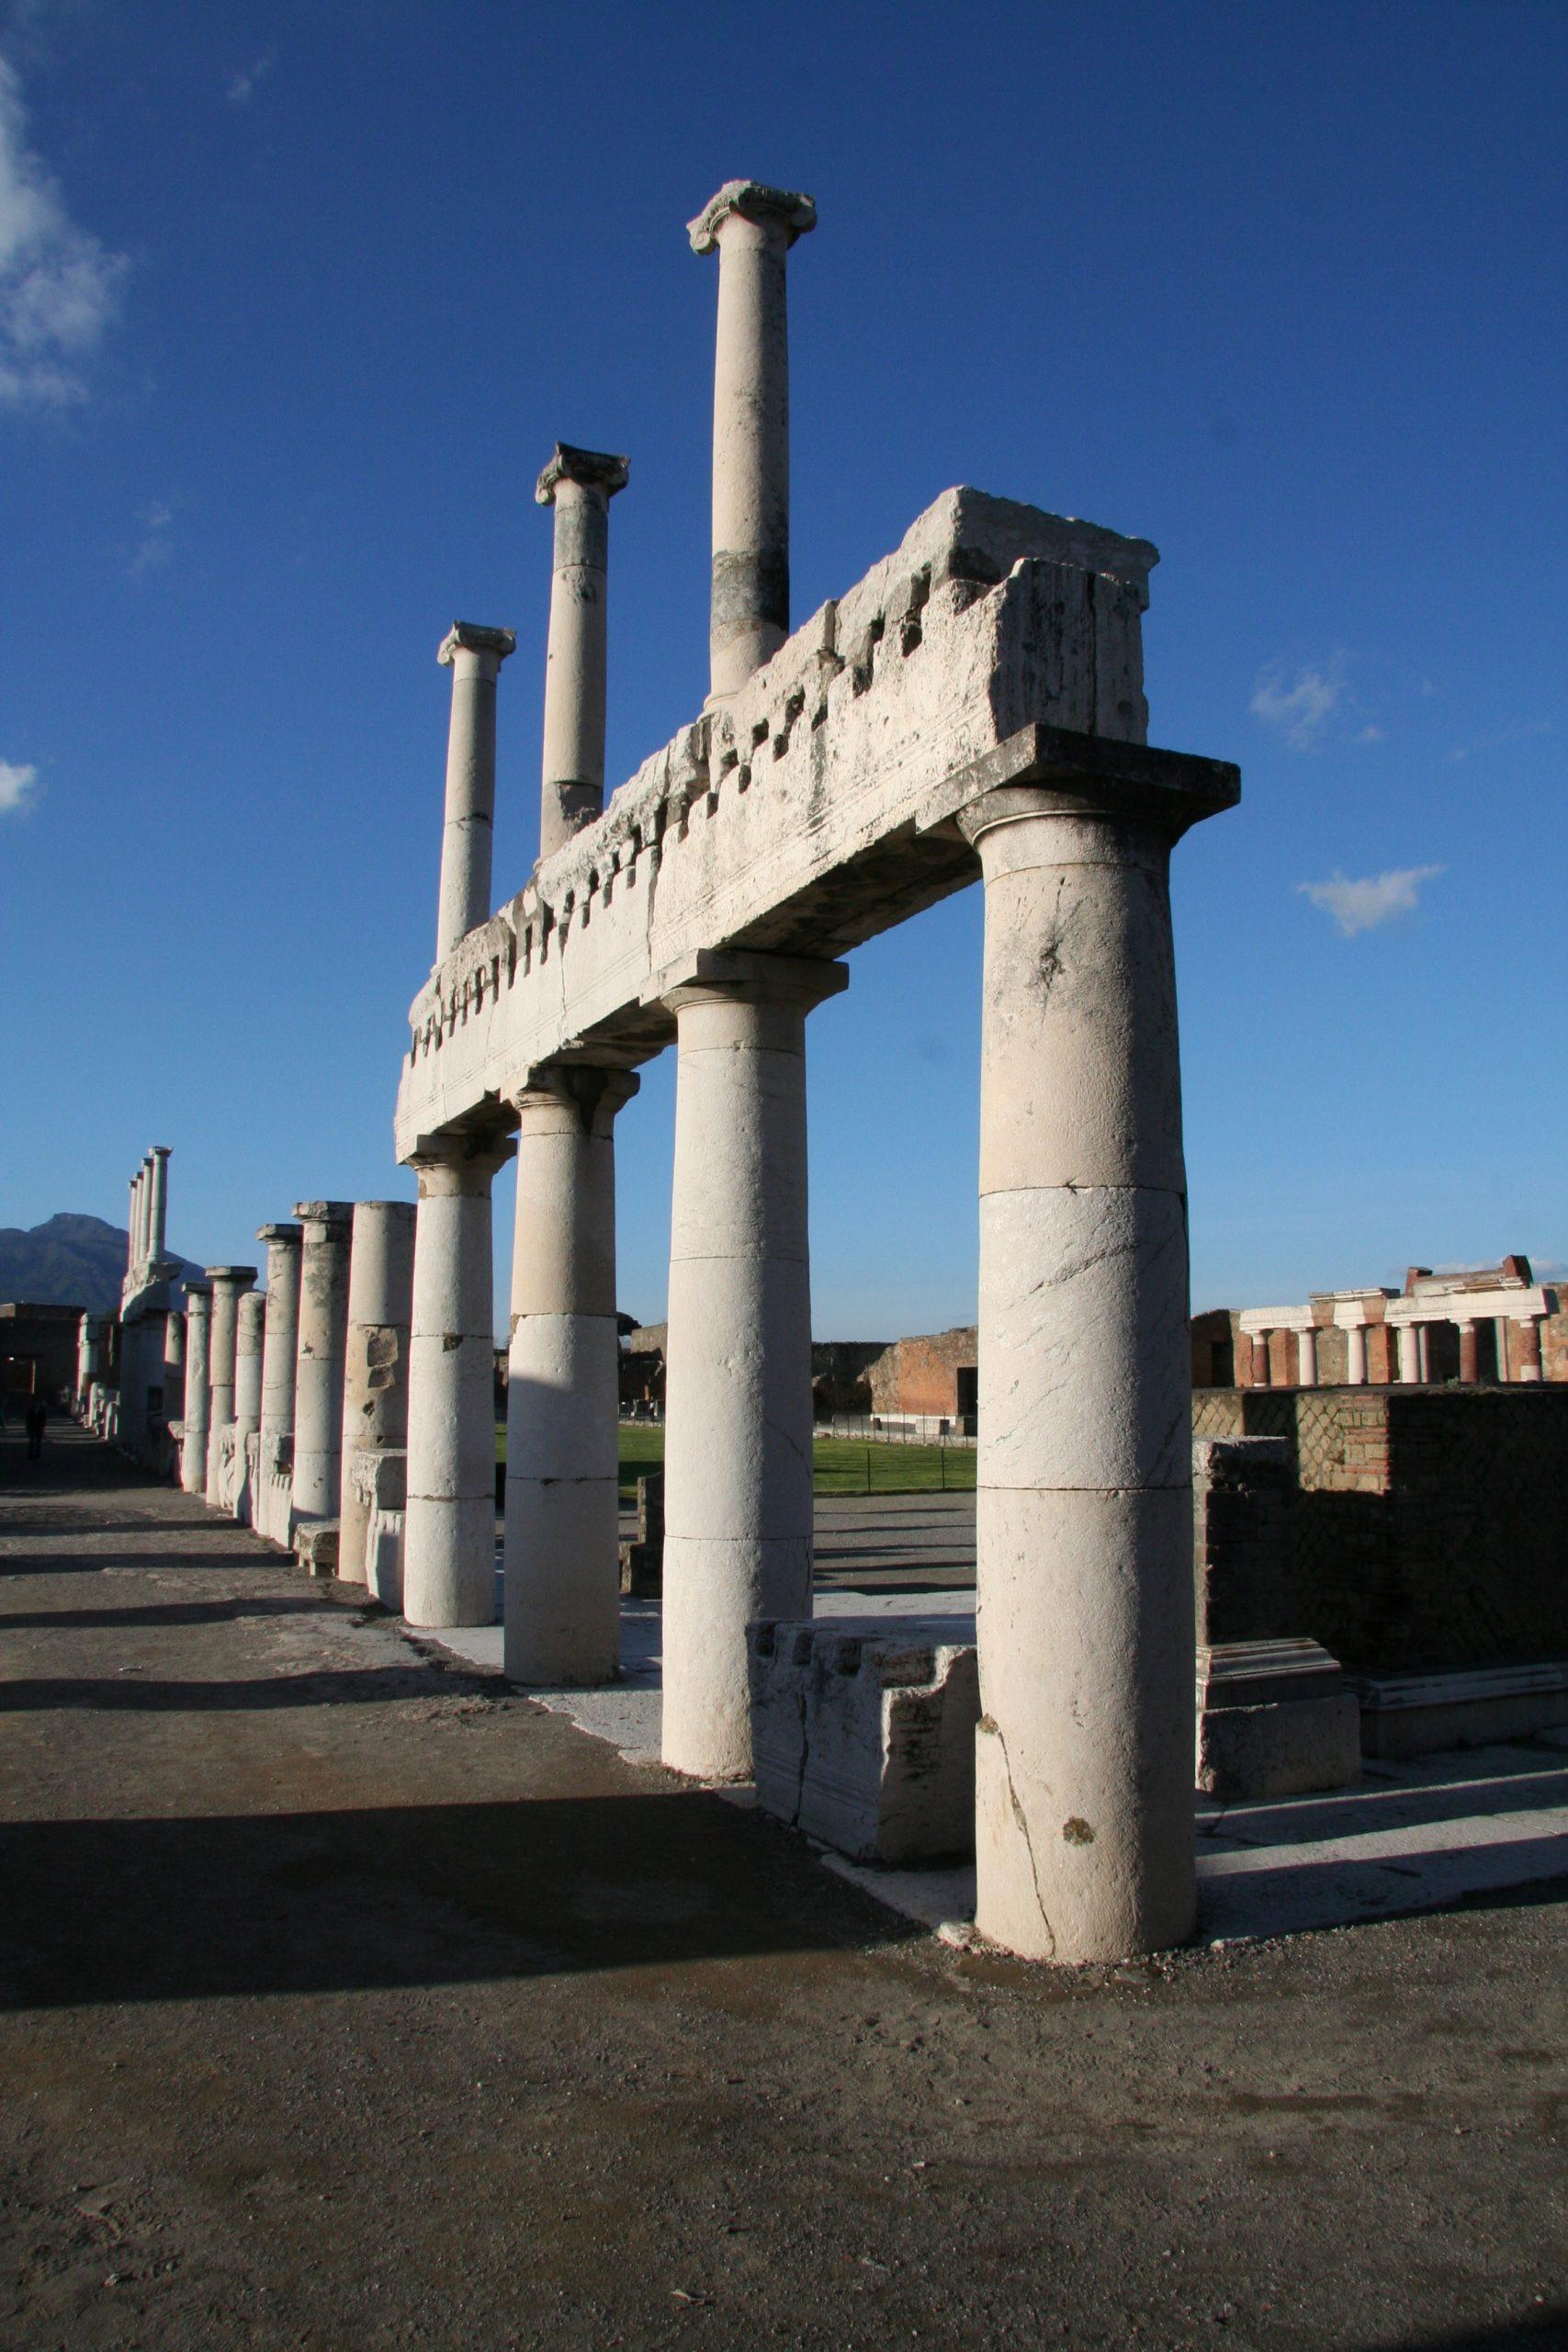 2009, Pompeii, Italy